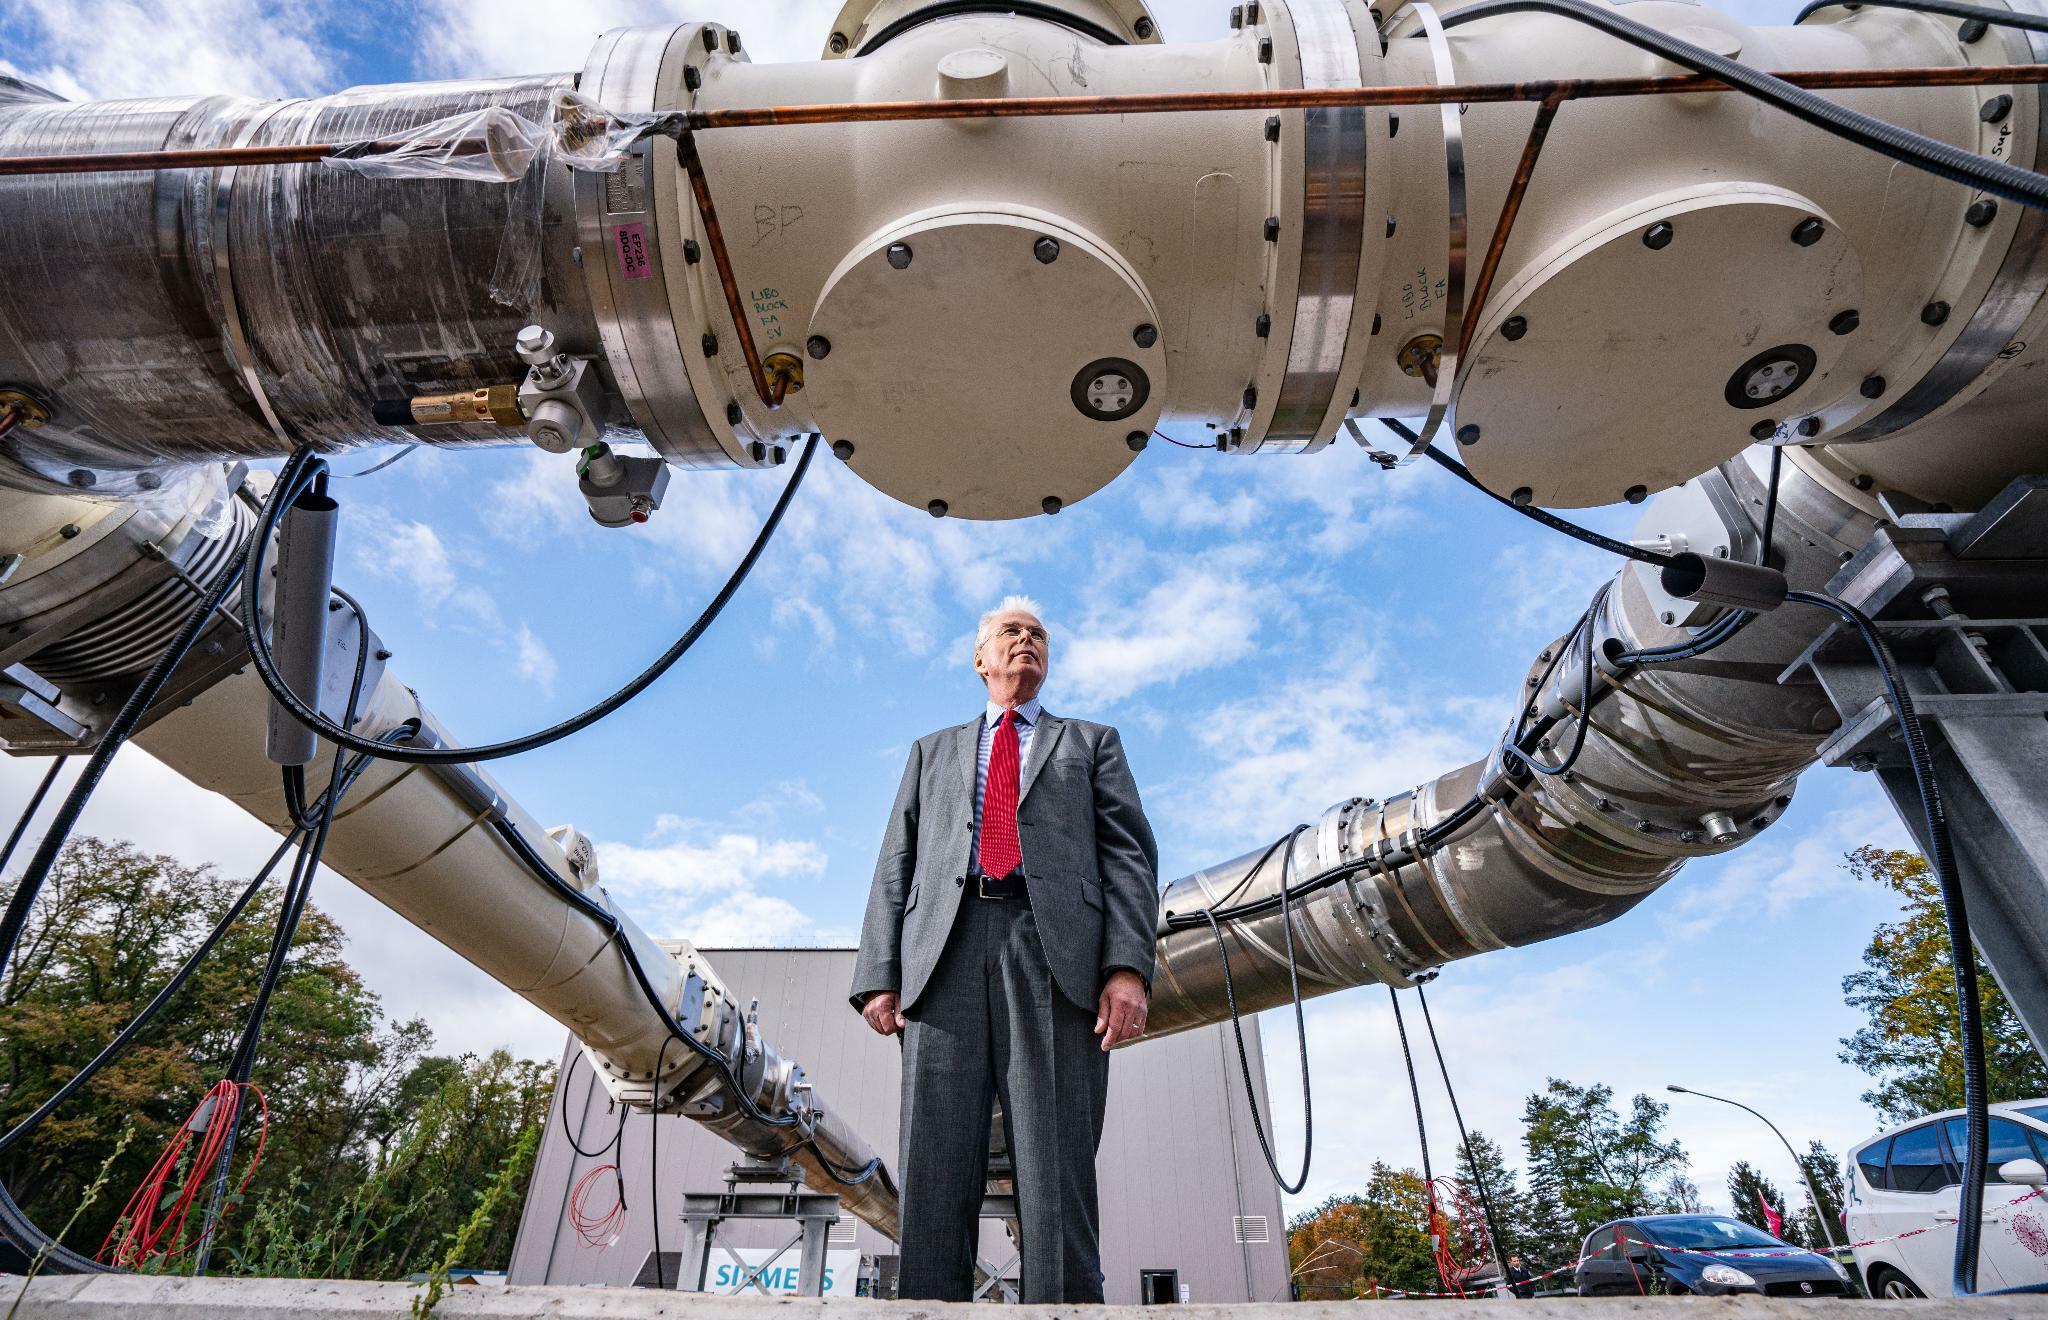 Gasisolierte Gleichstrom-Übertragungsleitung: Testfeld für neue Hochspannungs-Technologie eröffnet